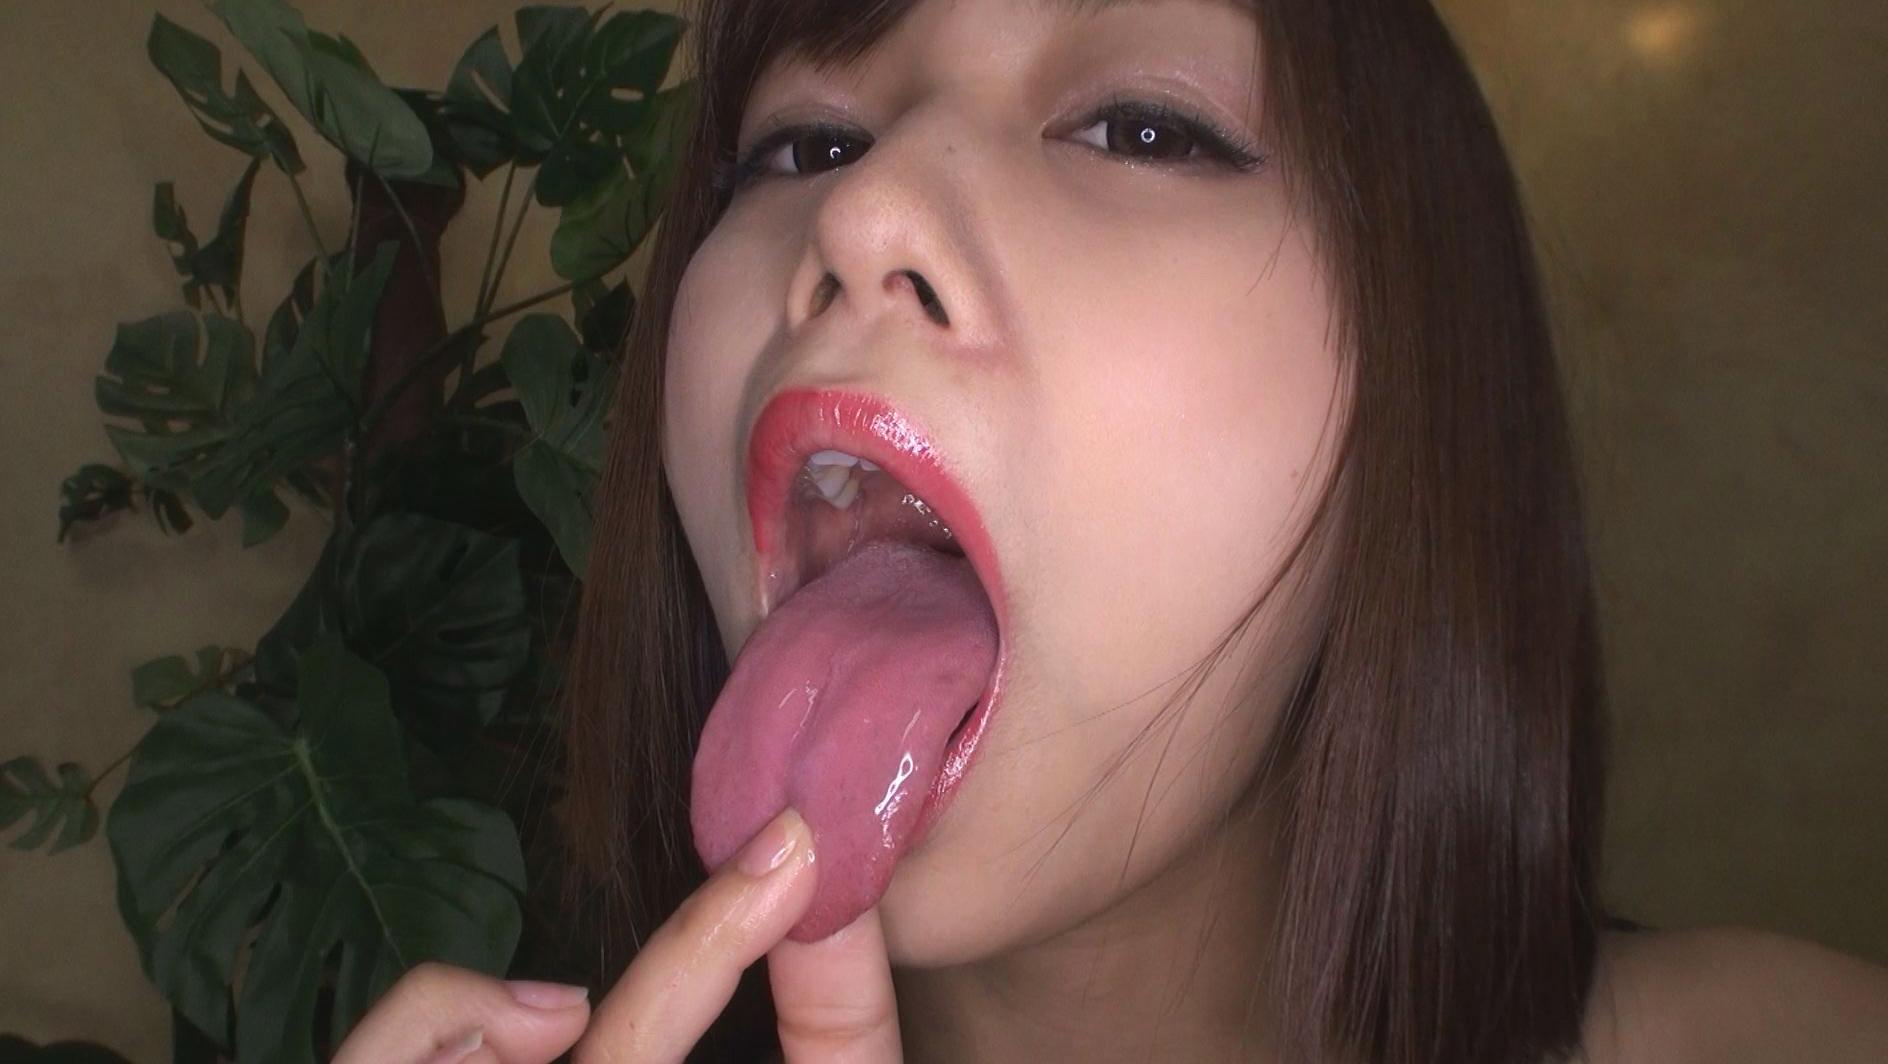 唾液つゆだくディープスロート 画像3